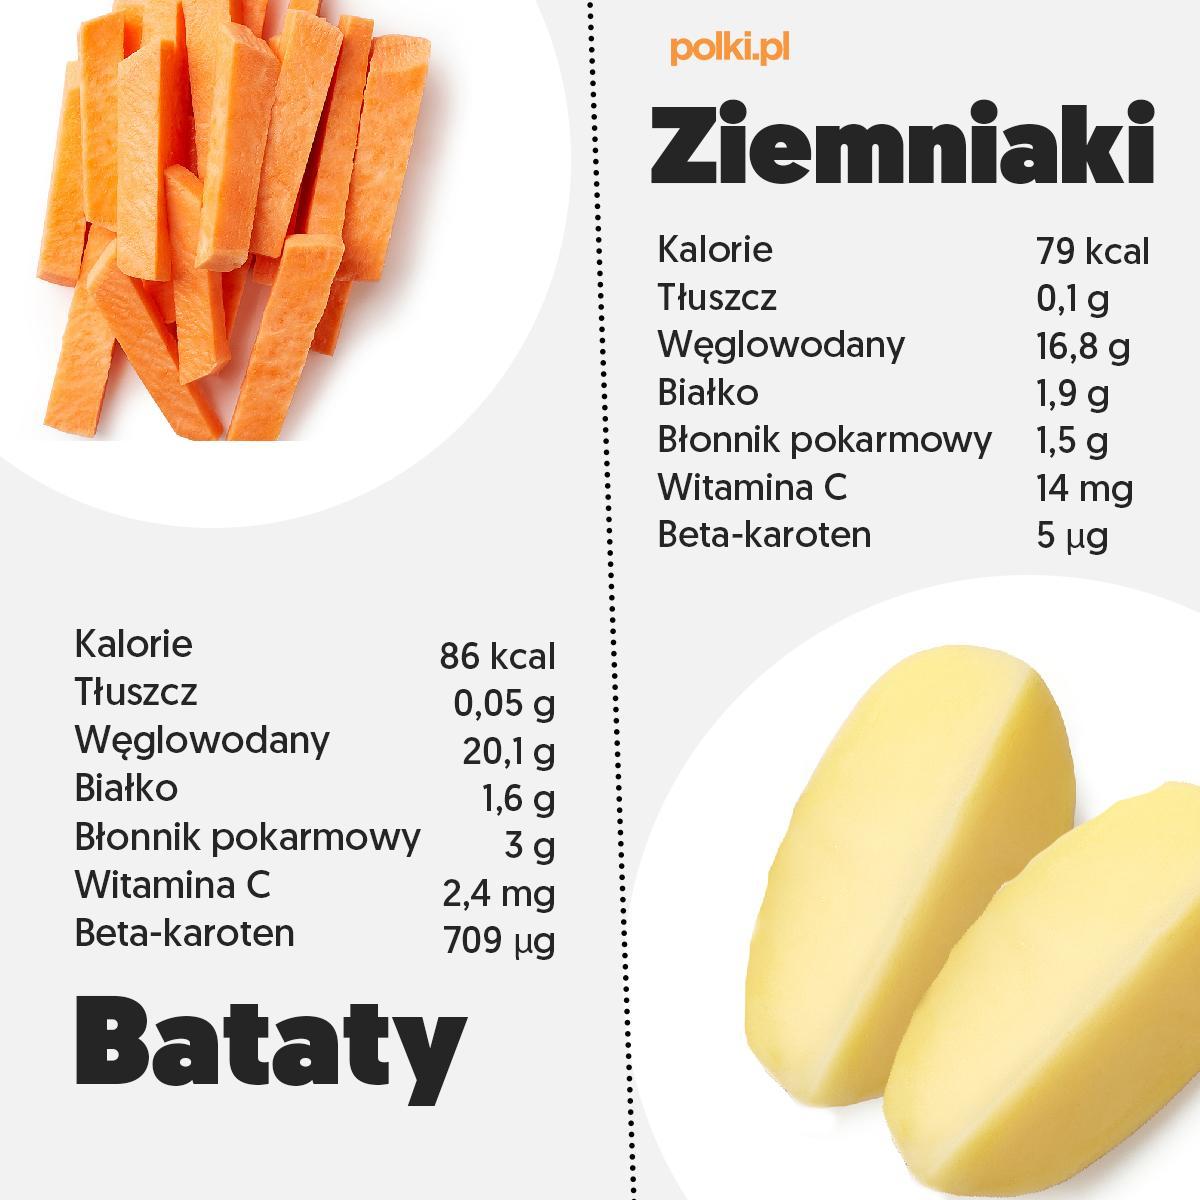 Bataty kontra ziemniaki - infografika